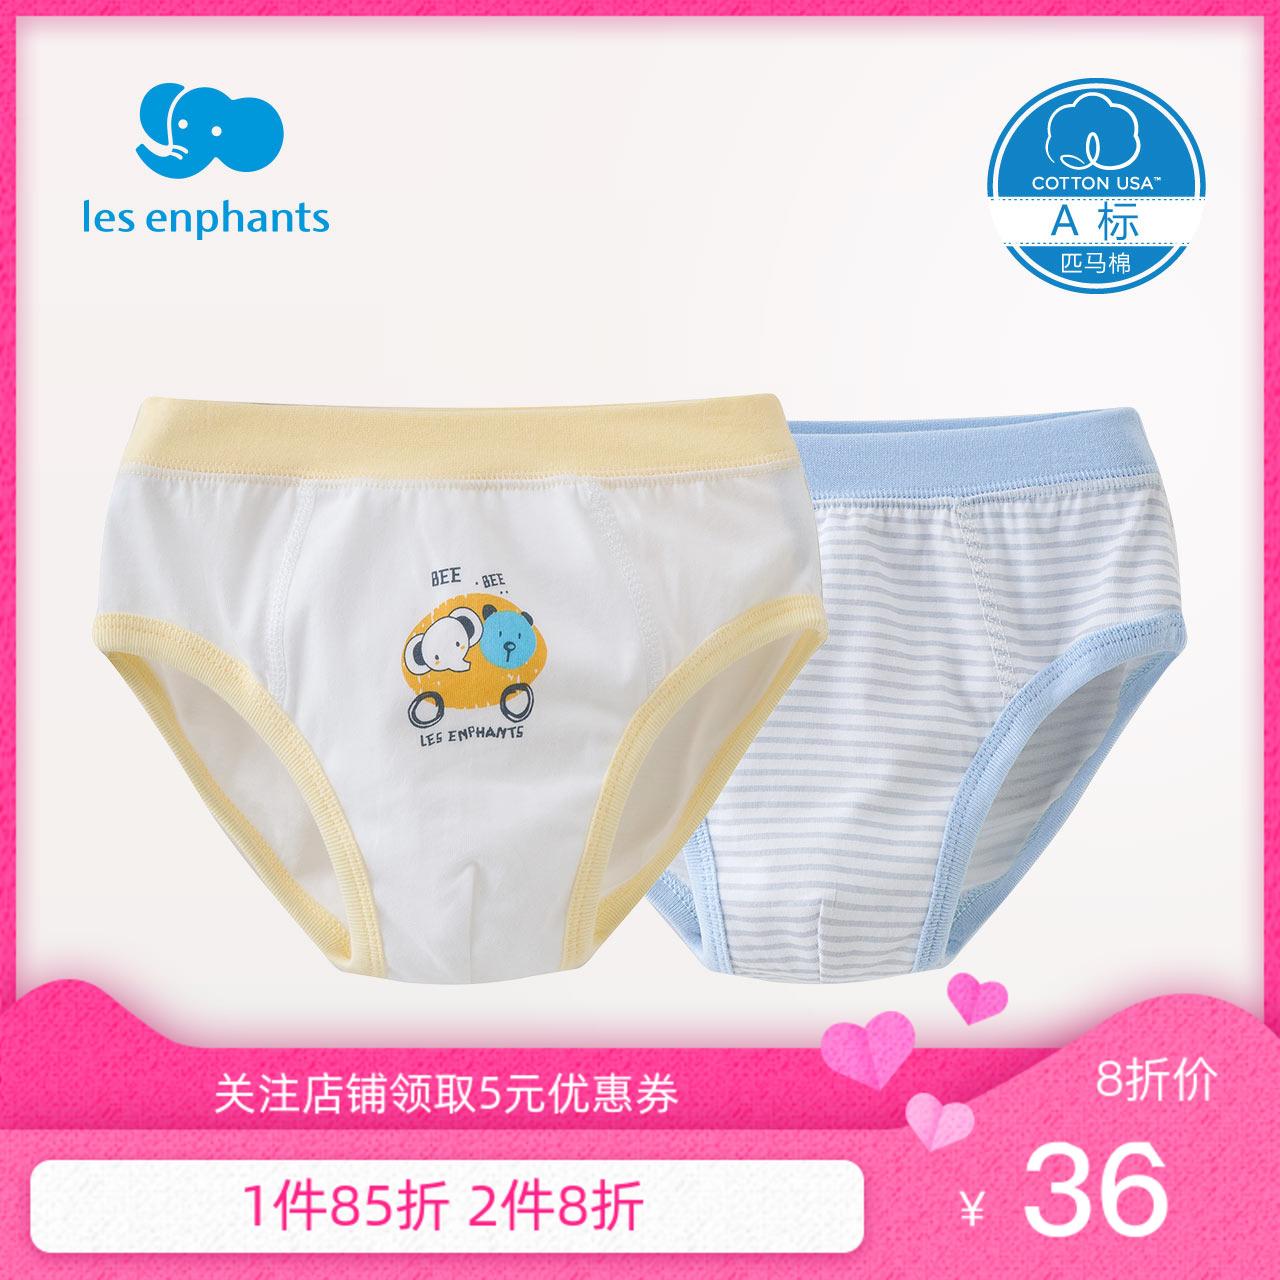 丽婴房内裤纯棉 男宝宝儿童内裤 小男童柔软三角裤2条装 男孩短裤